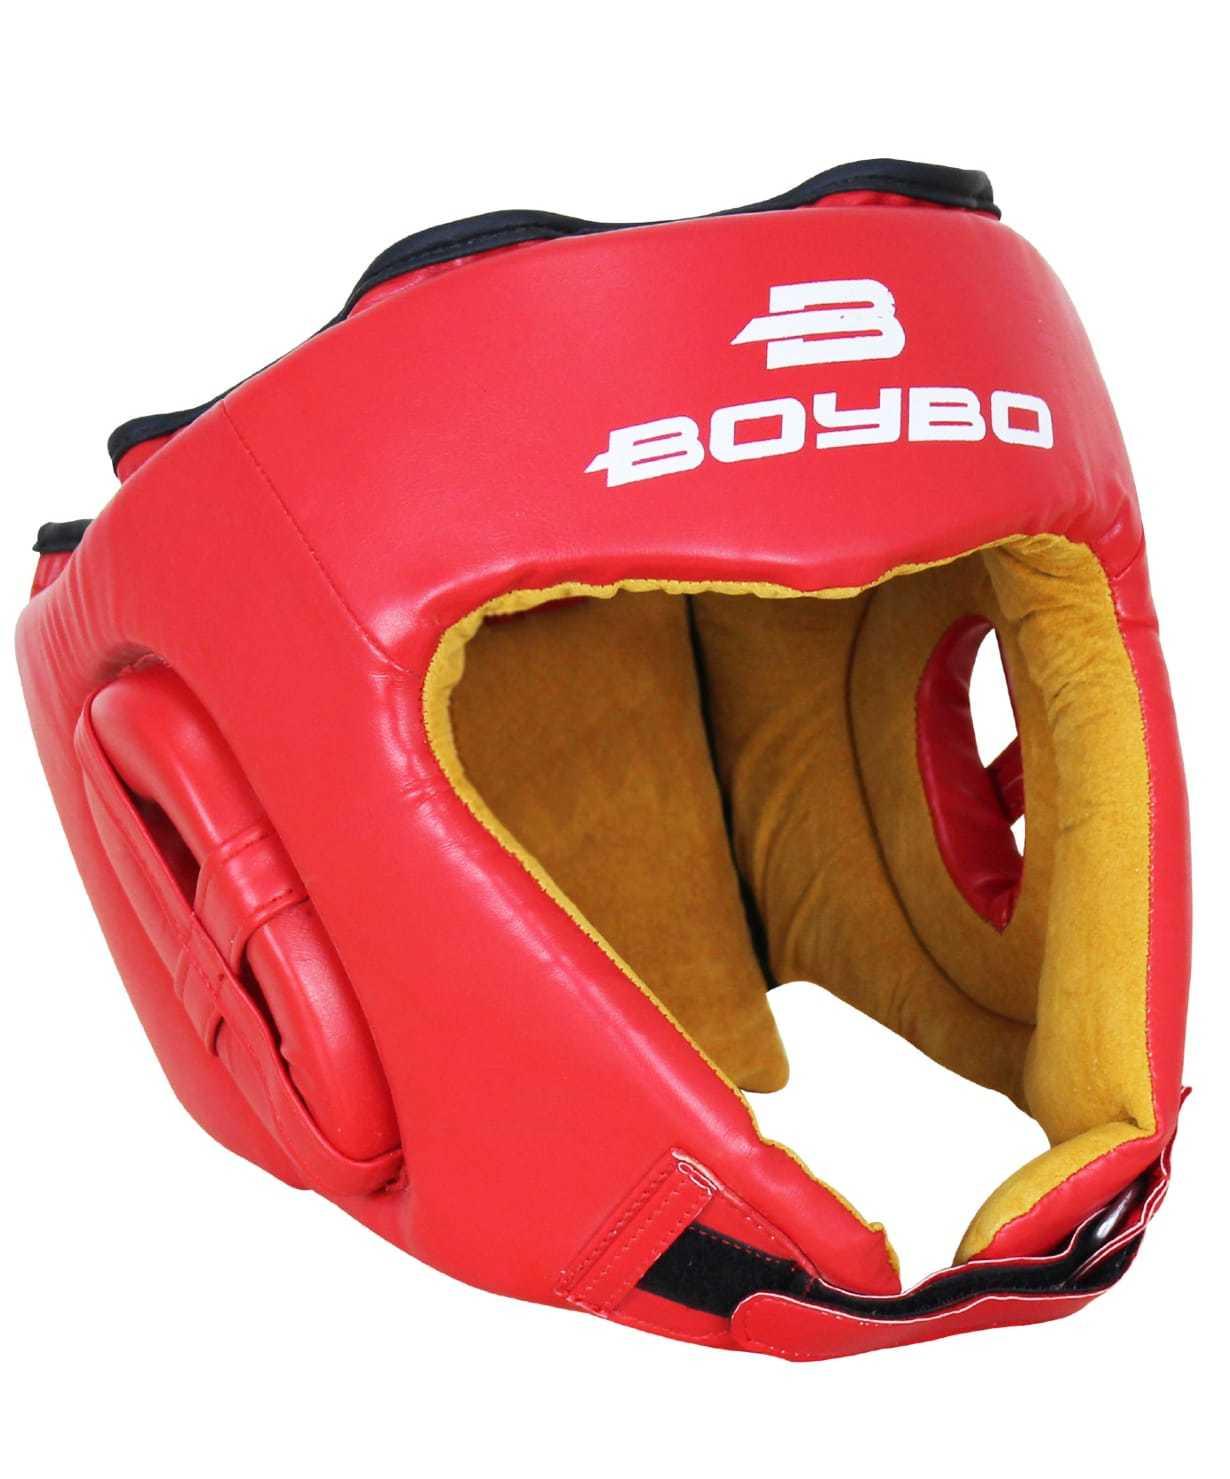 Шлемы Шлем открытый Nylex BoyBo 839b8d8bcb5d957904a6776b35981d38.jpg